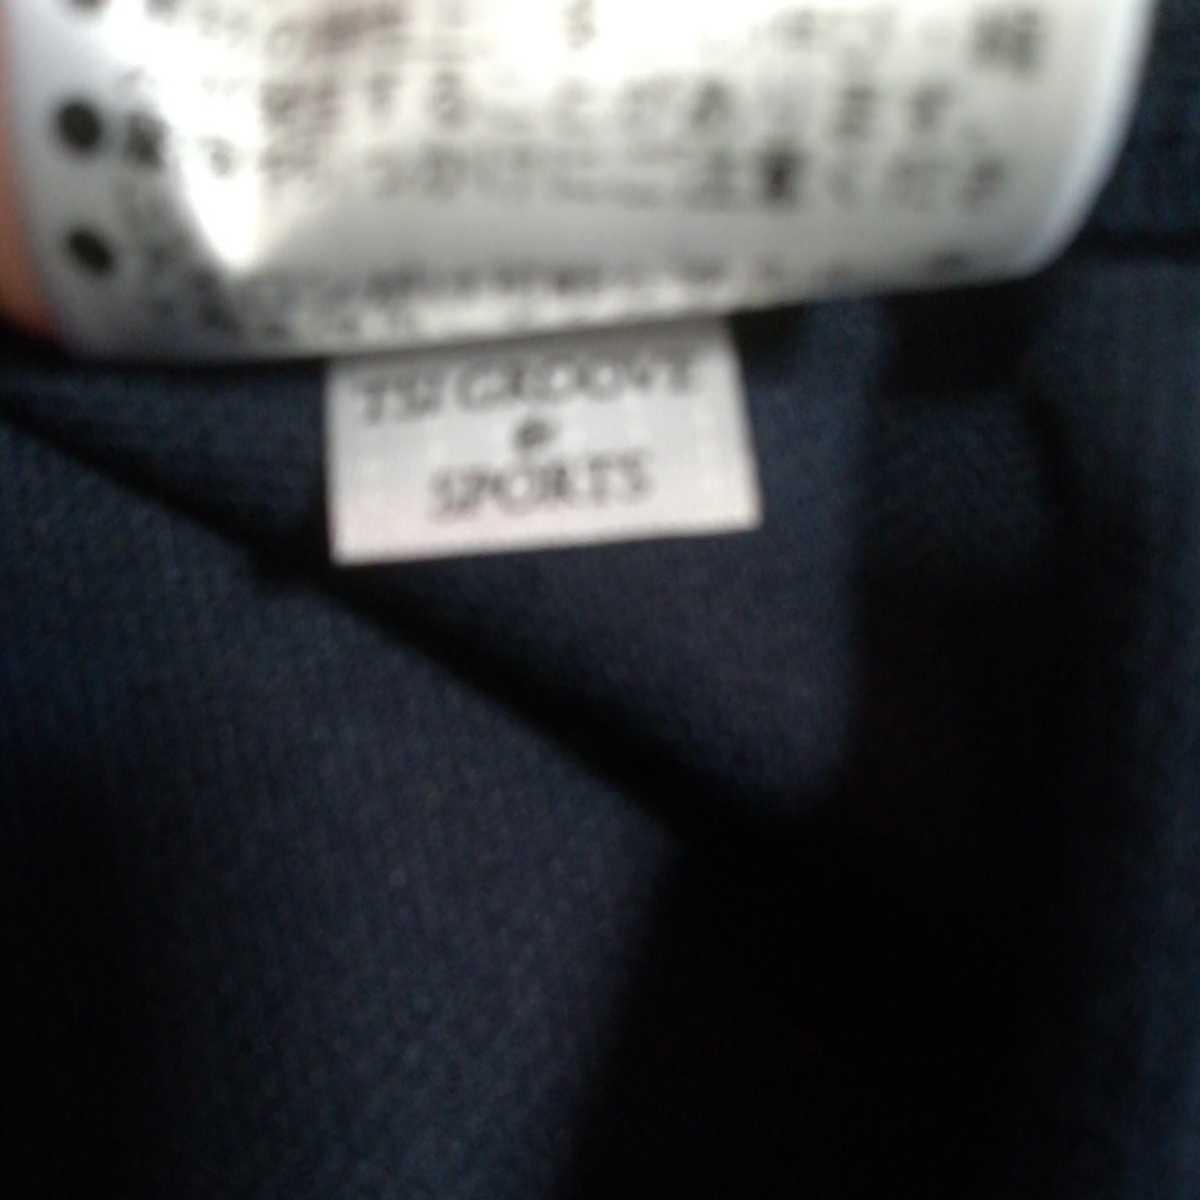 新品正規品 パーリーゲイツ サイズ1 2020最新作 サラサラ素材 ネイビー 鹿の子 ポロシャツ 送料無料_画像7